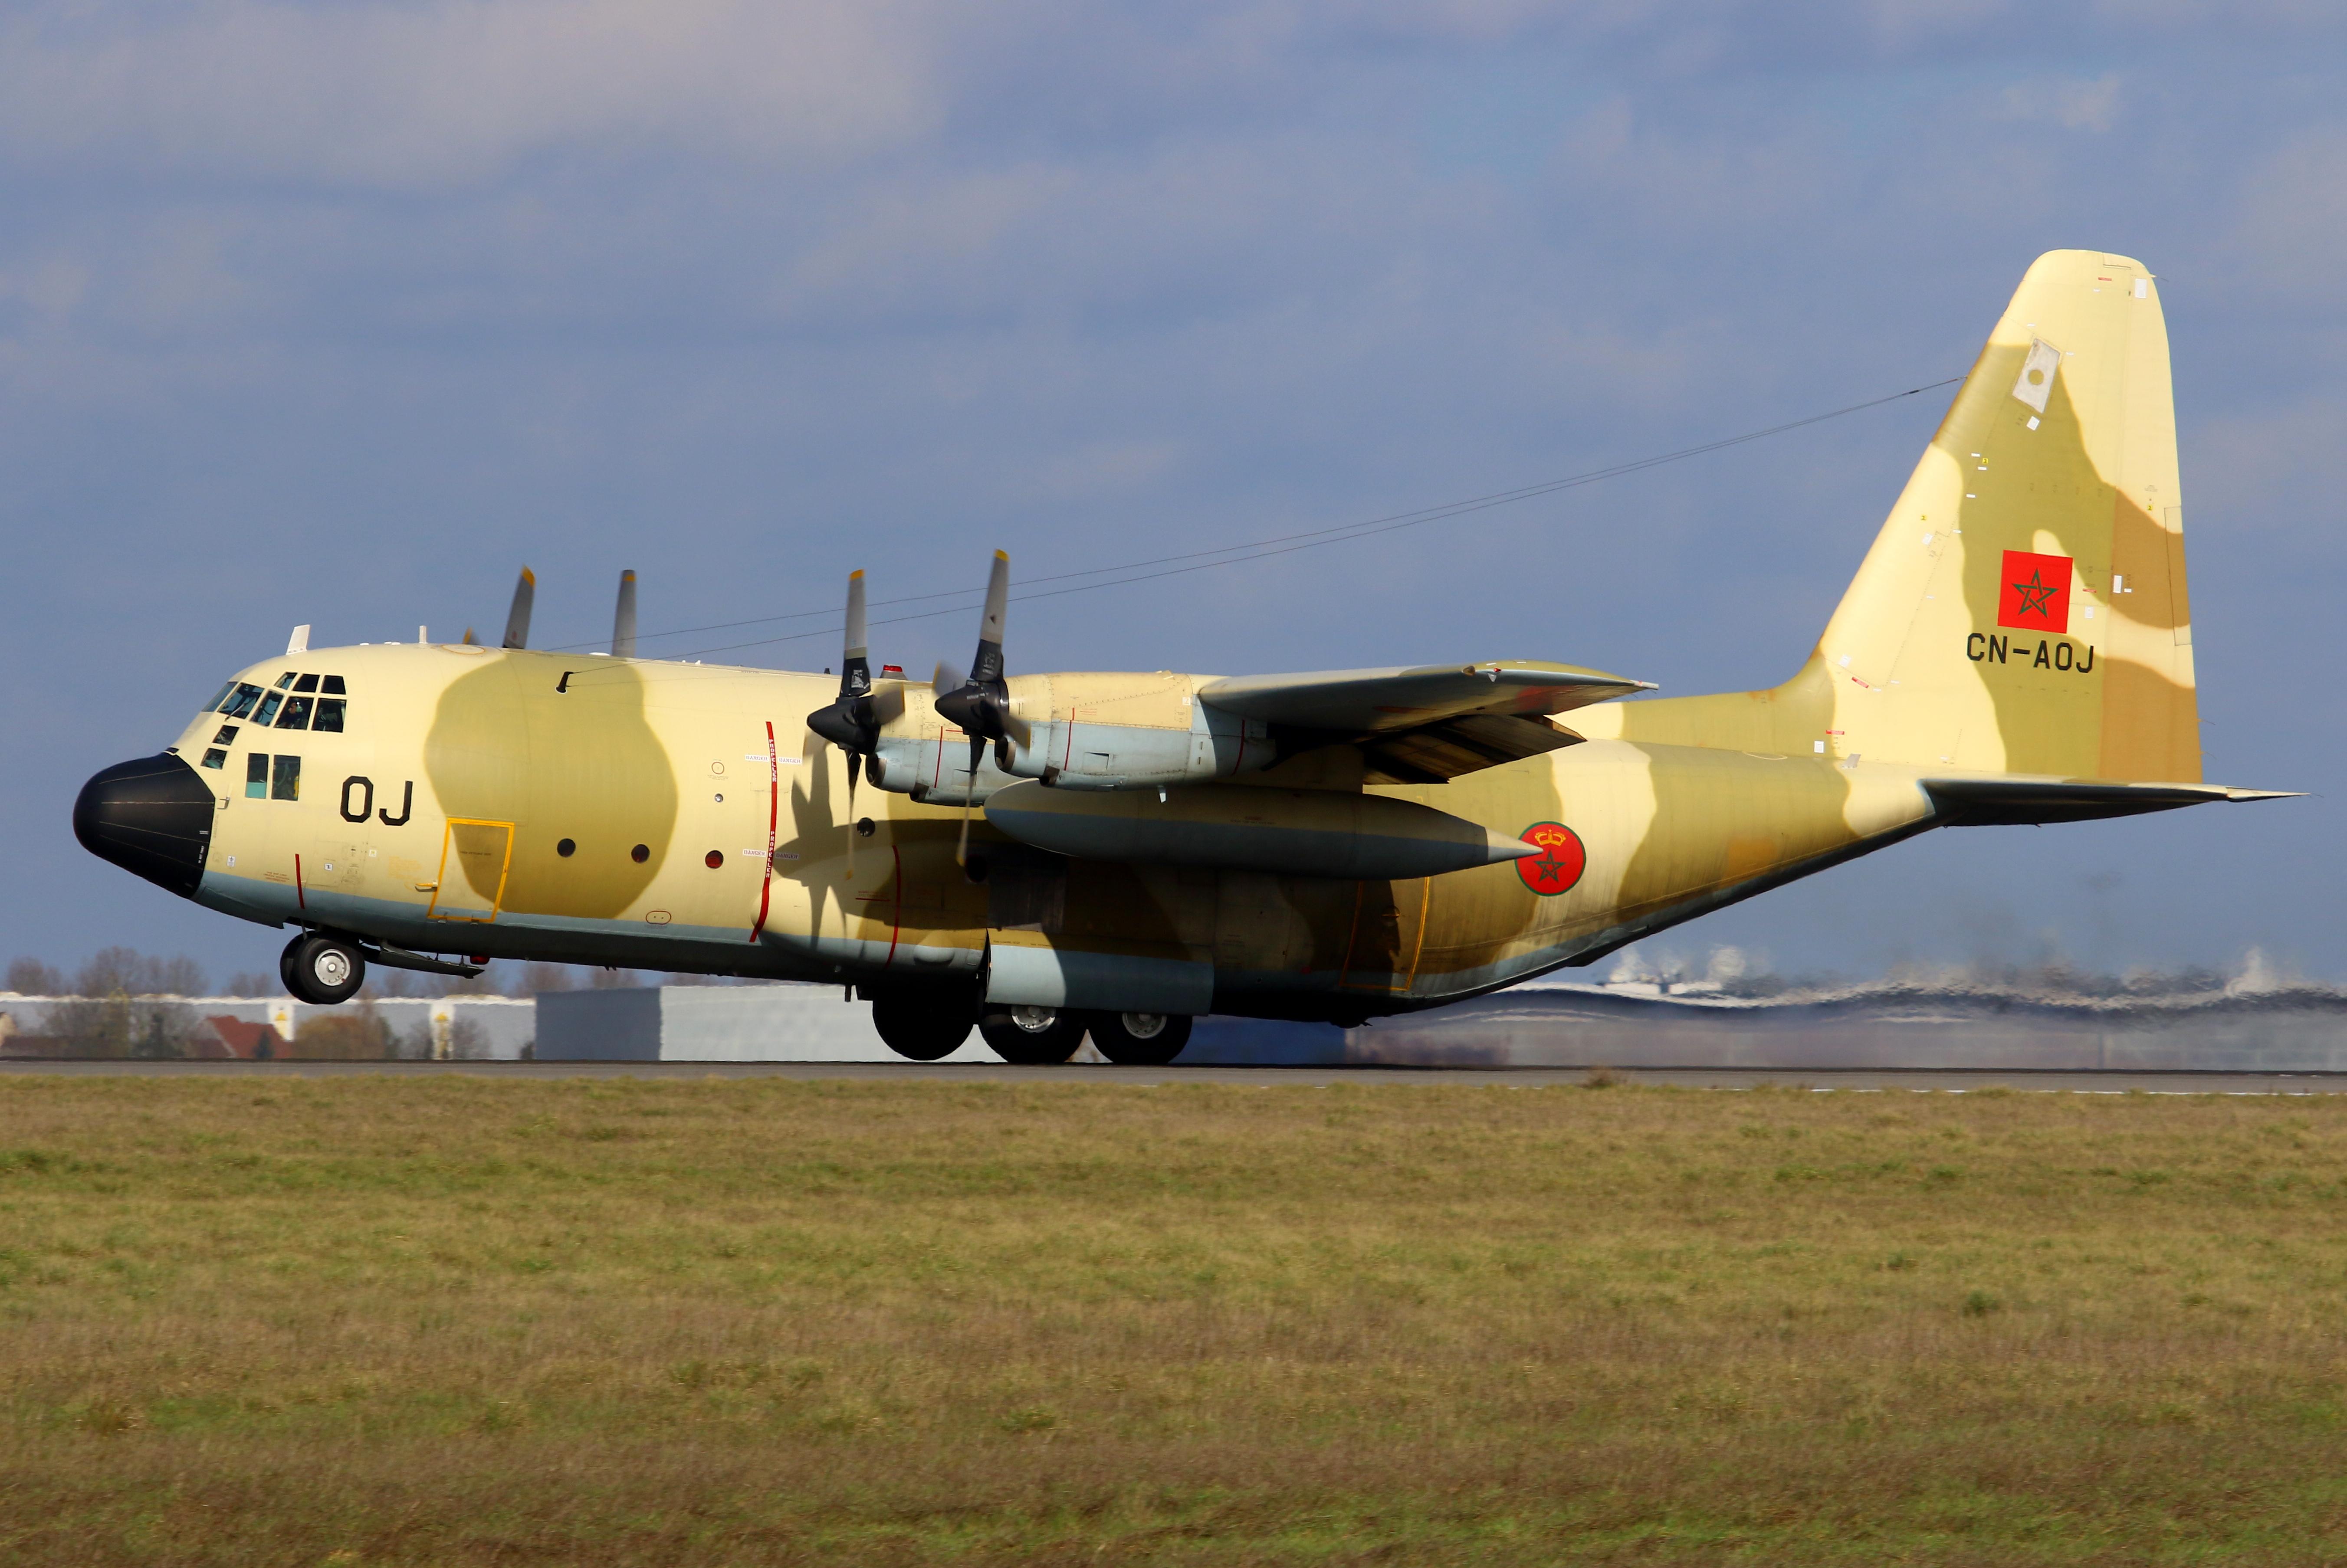 FRA: Photos d'avions de transport - Page 42 50977948843_002fd0d181_o_d